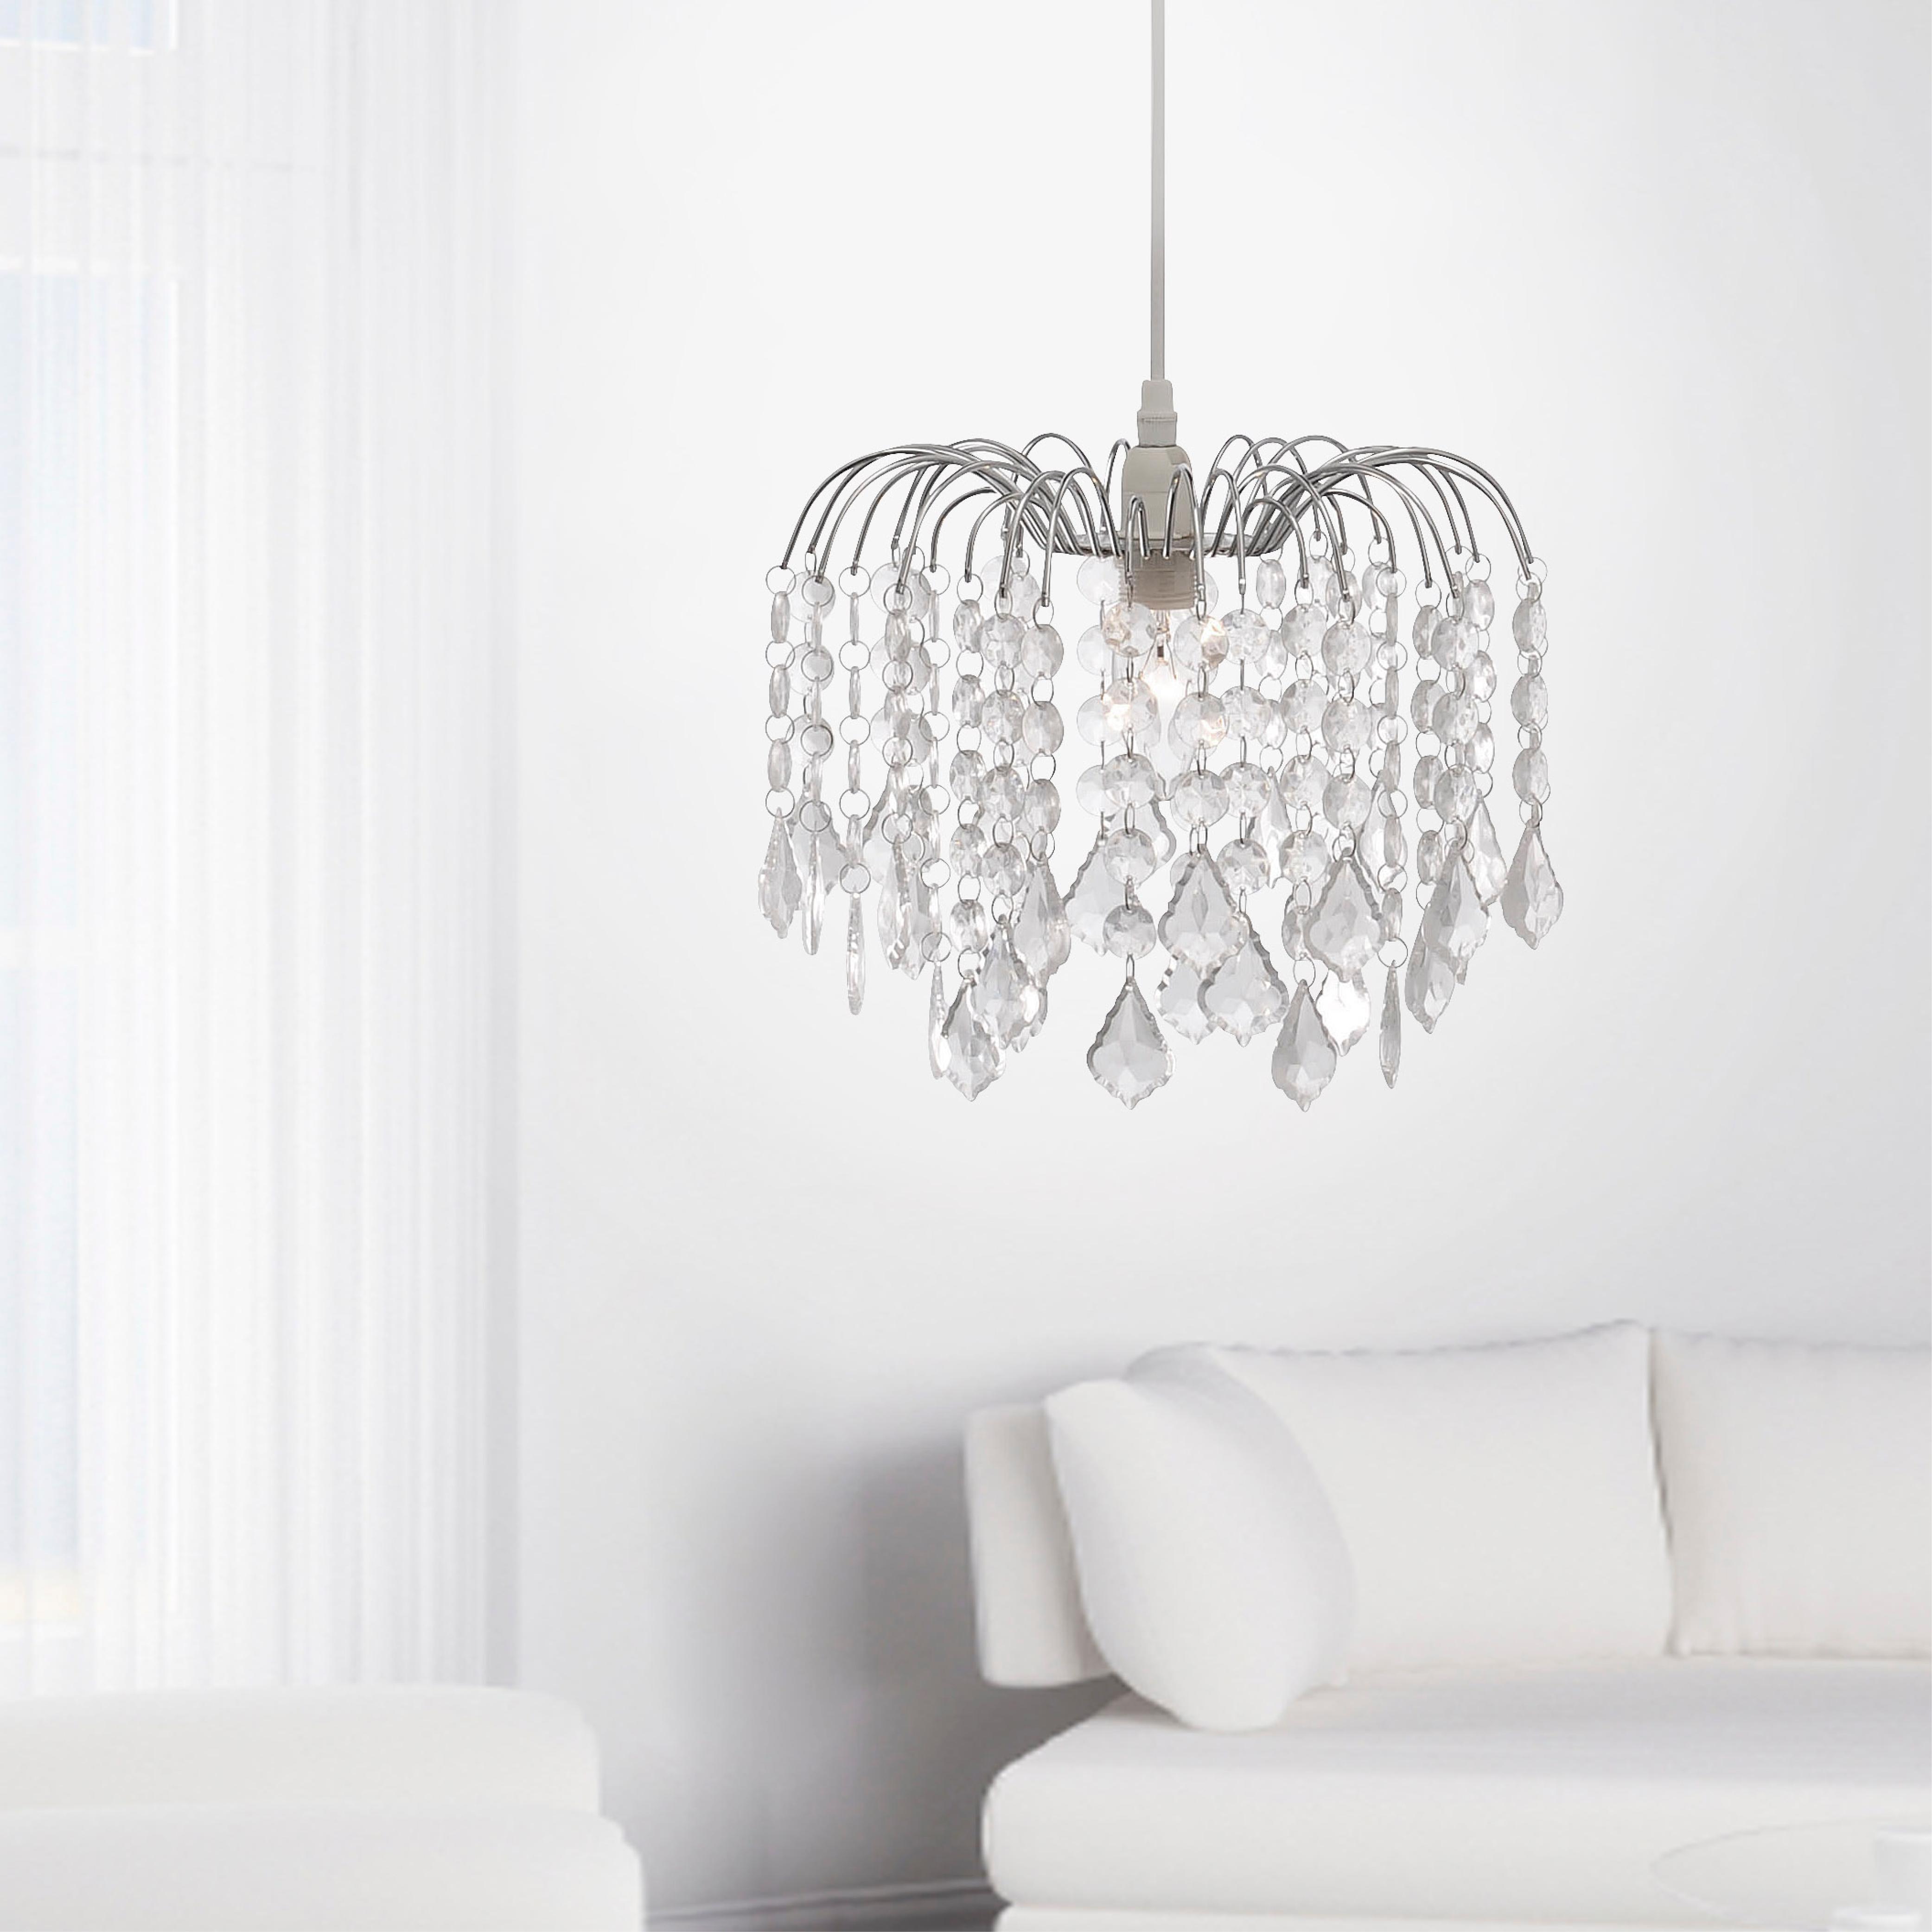 Kronleuchter, transparenter Kunststoffglasbehang, E14 Fassung, modern